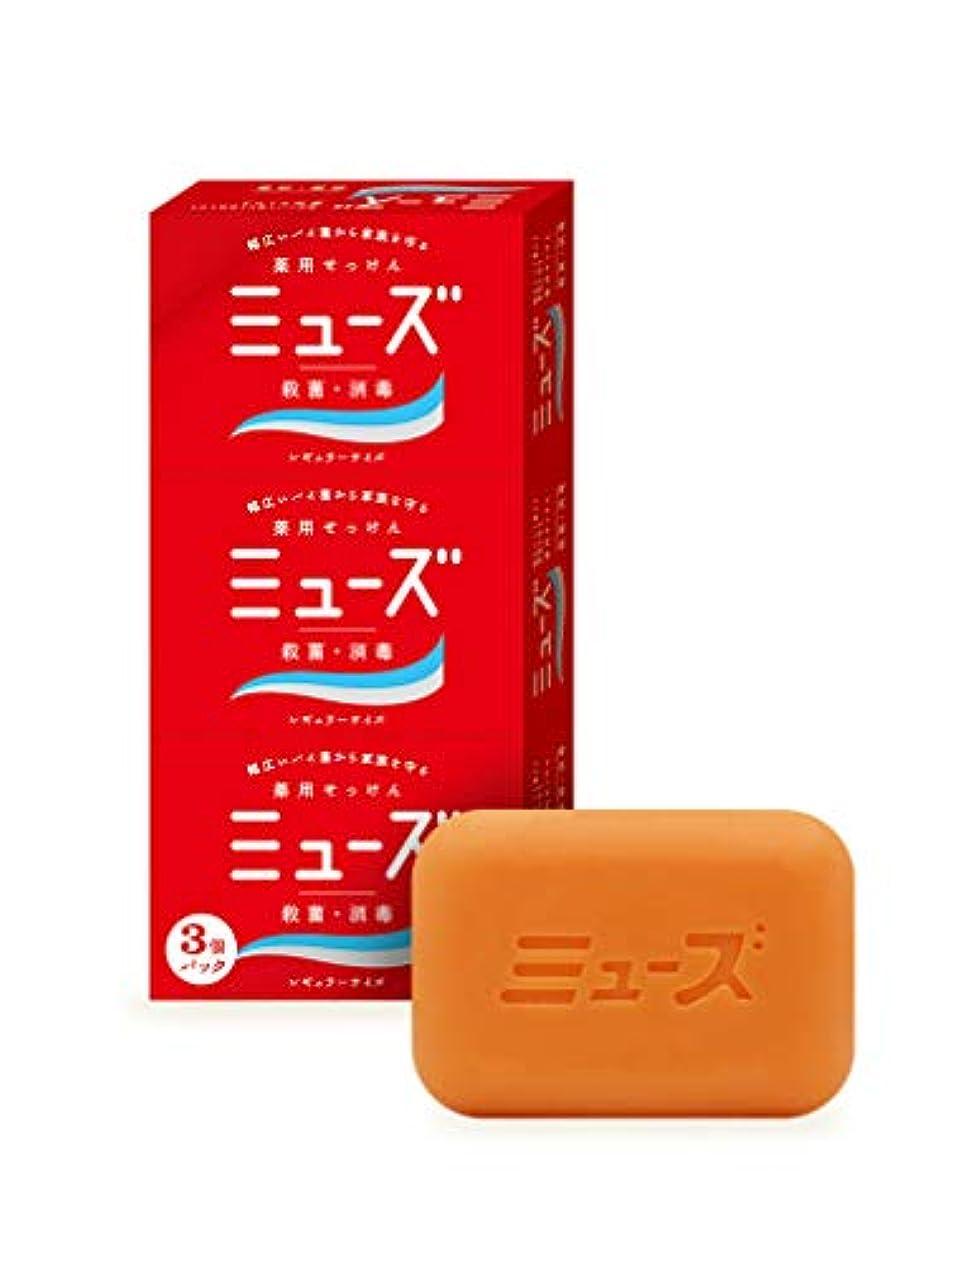 協力する男らしい一過性【医薬部外品】ミューズ石鹸レギュラー3個パック